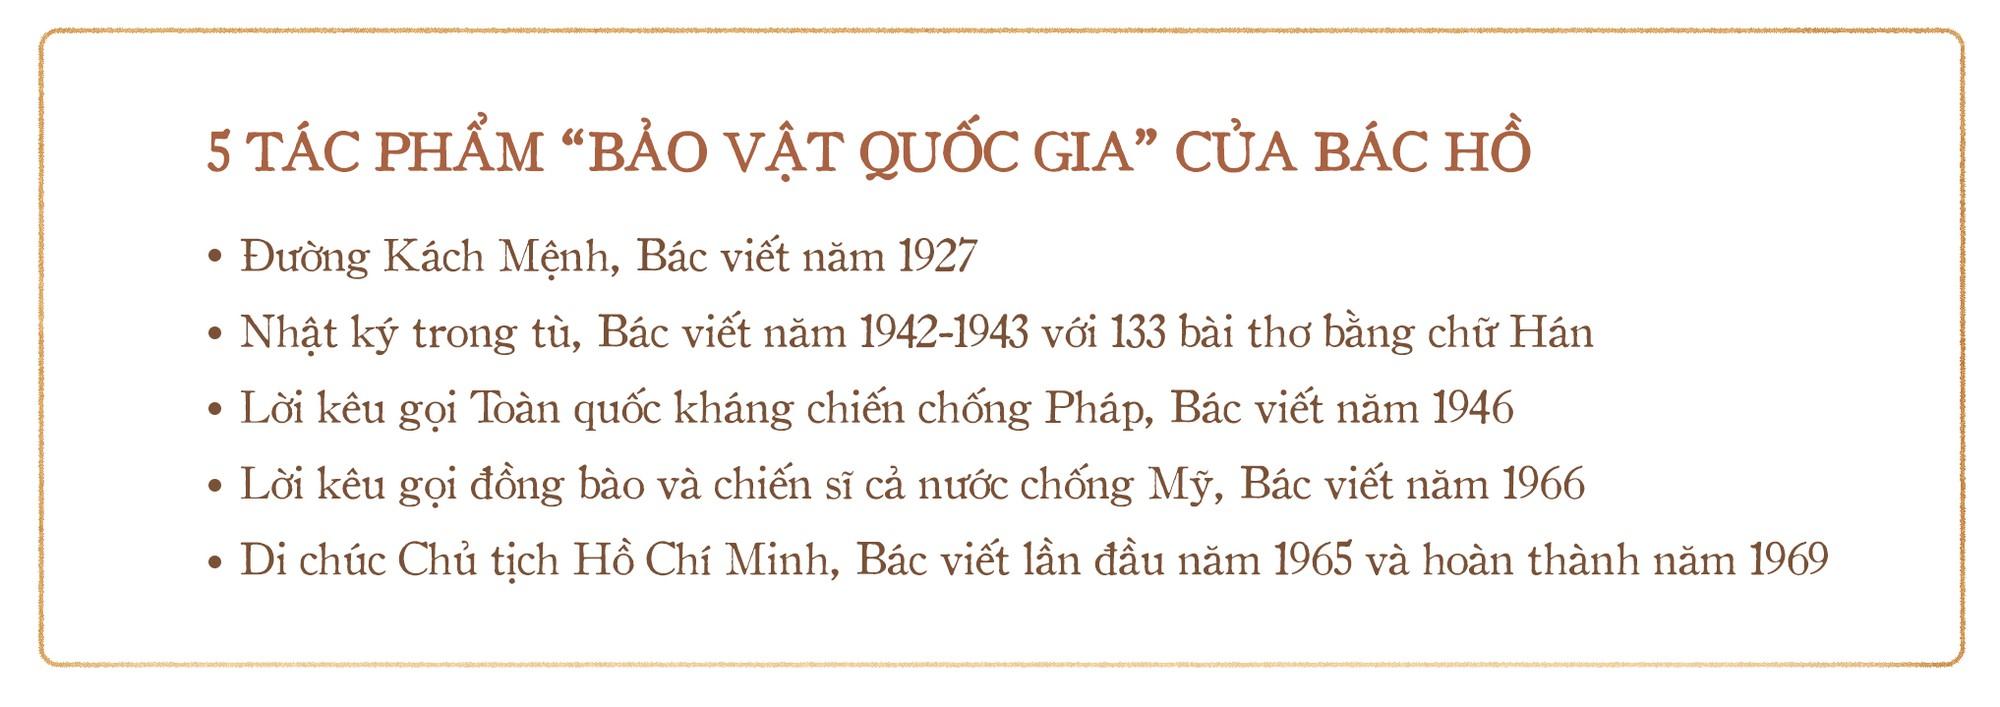 Di chúc của Chủ tịch Hồ Chí Minh: Như ngọn đuốc soi đường cho dân tộc - Ảnh 14.